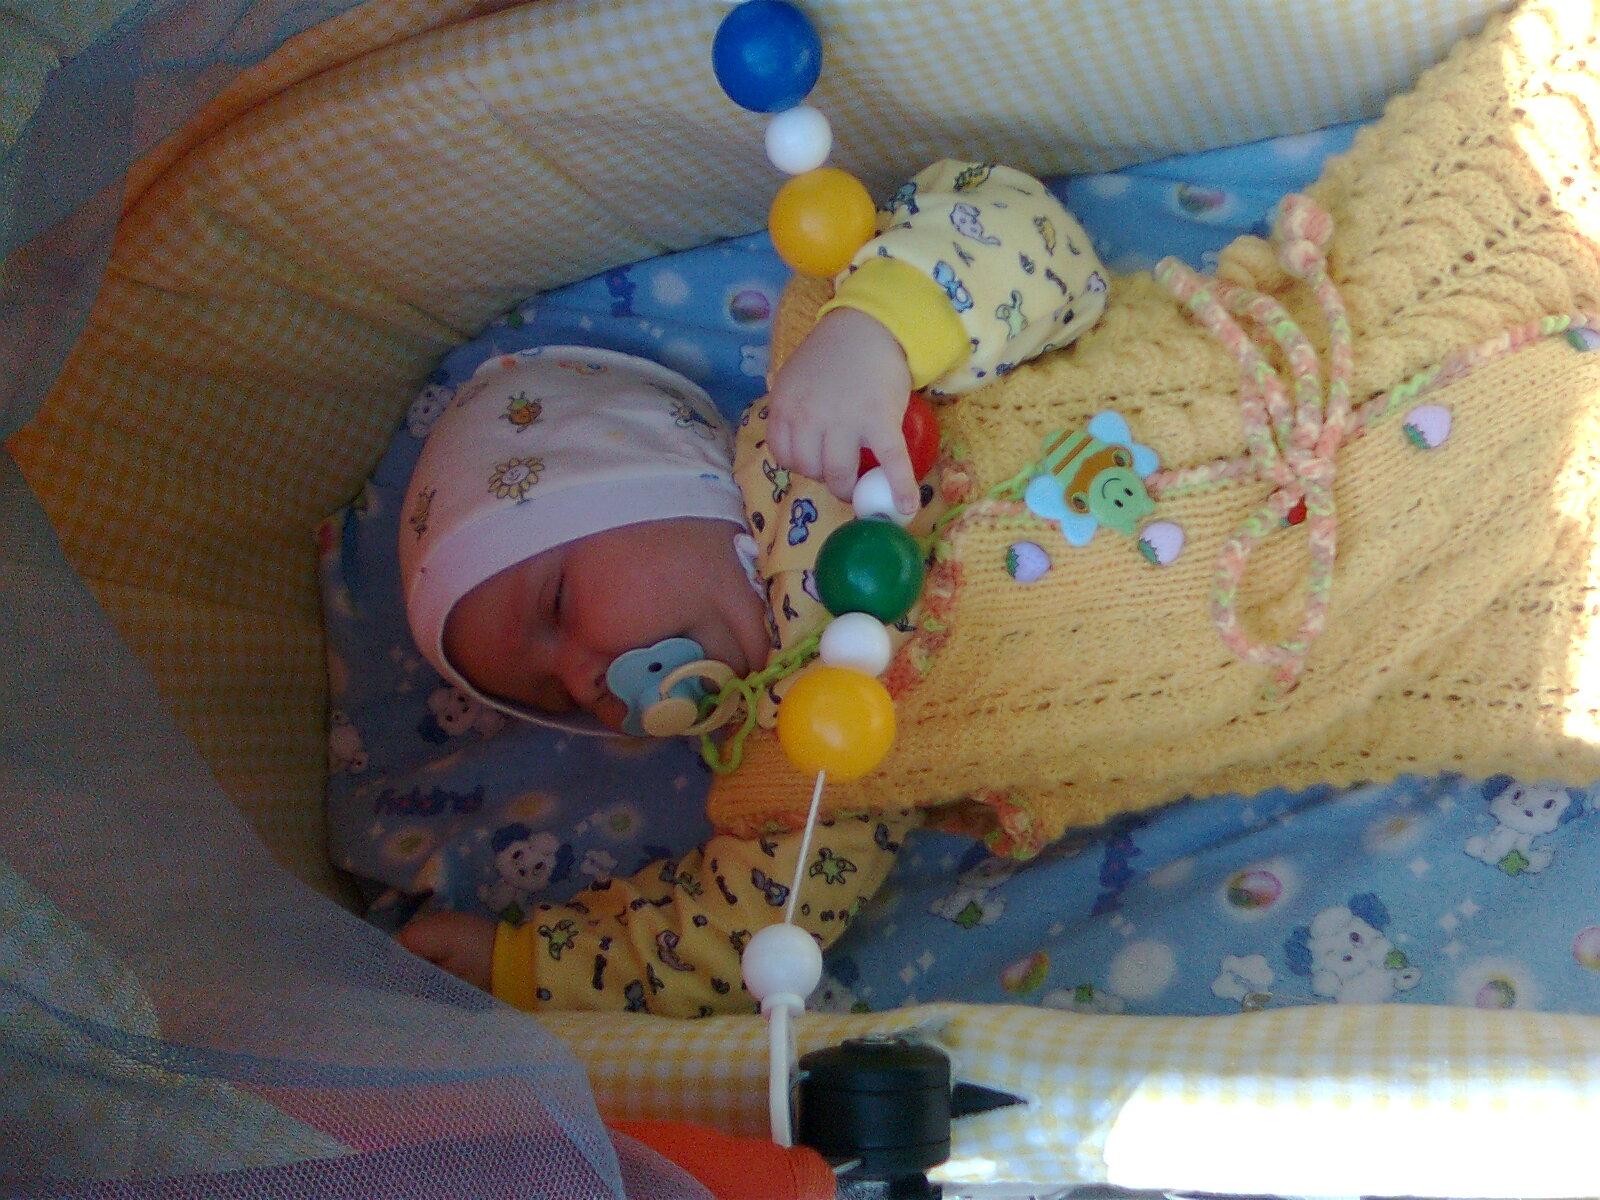 спят усталые игрушки-погремушки и Сашенька. Спят усталые игрушки